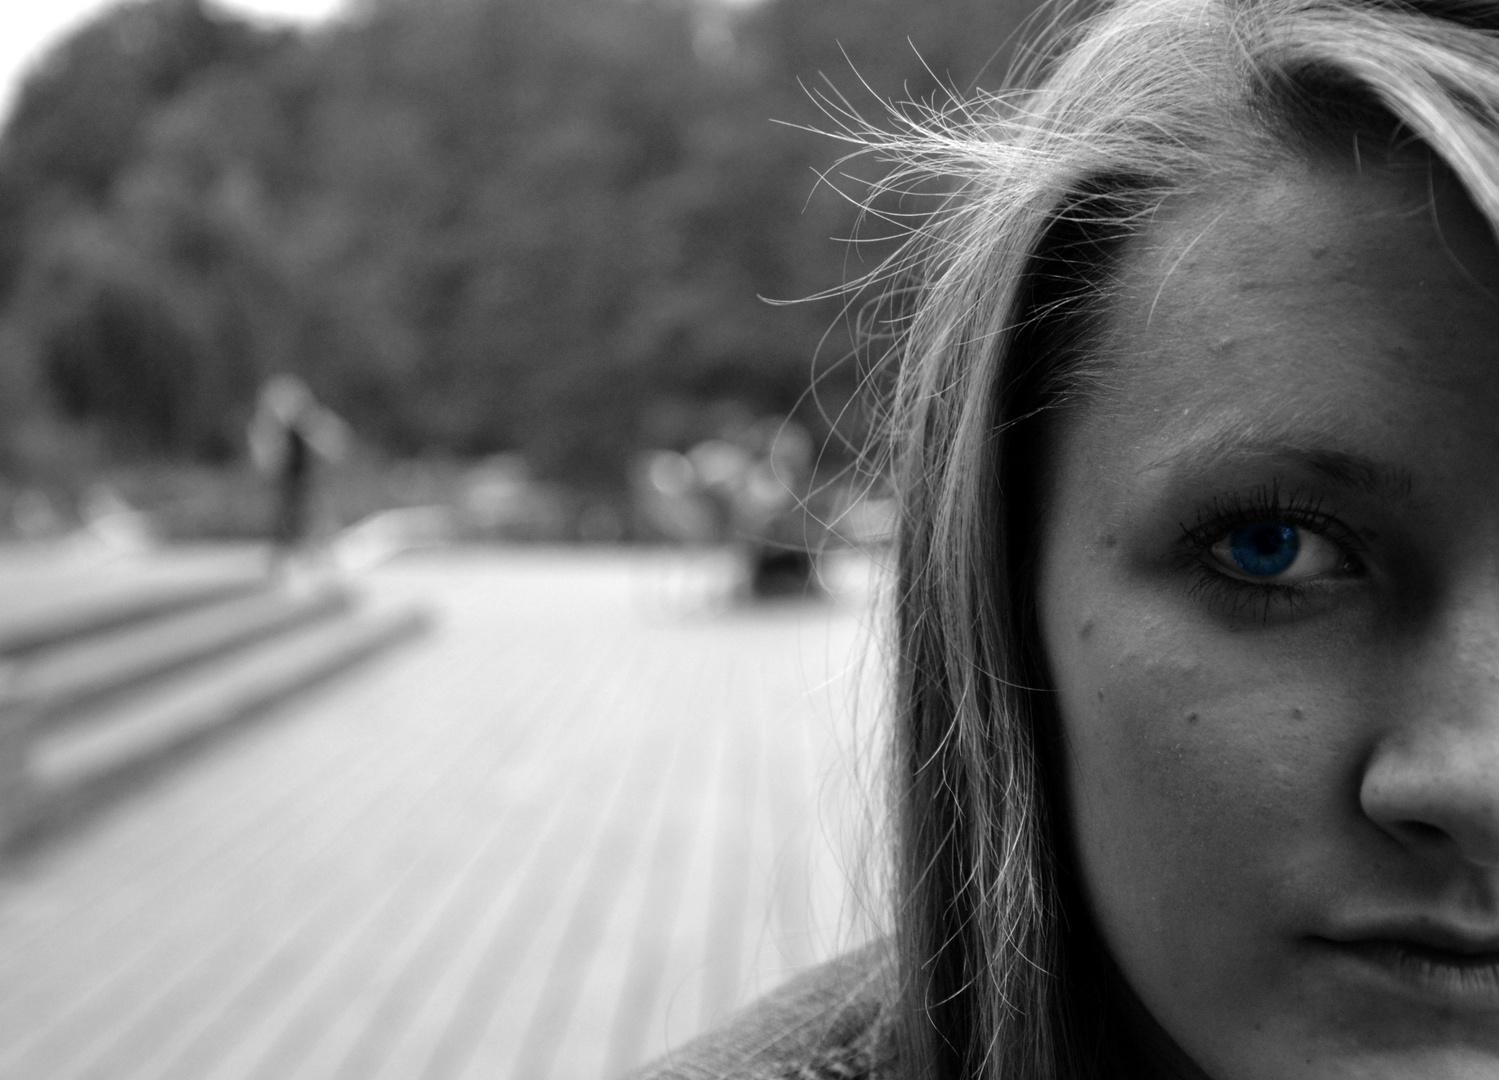 Behind blue eyes...